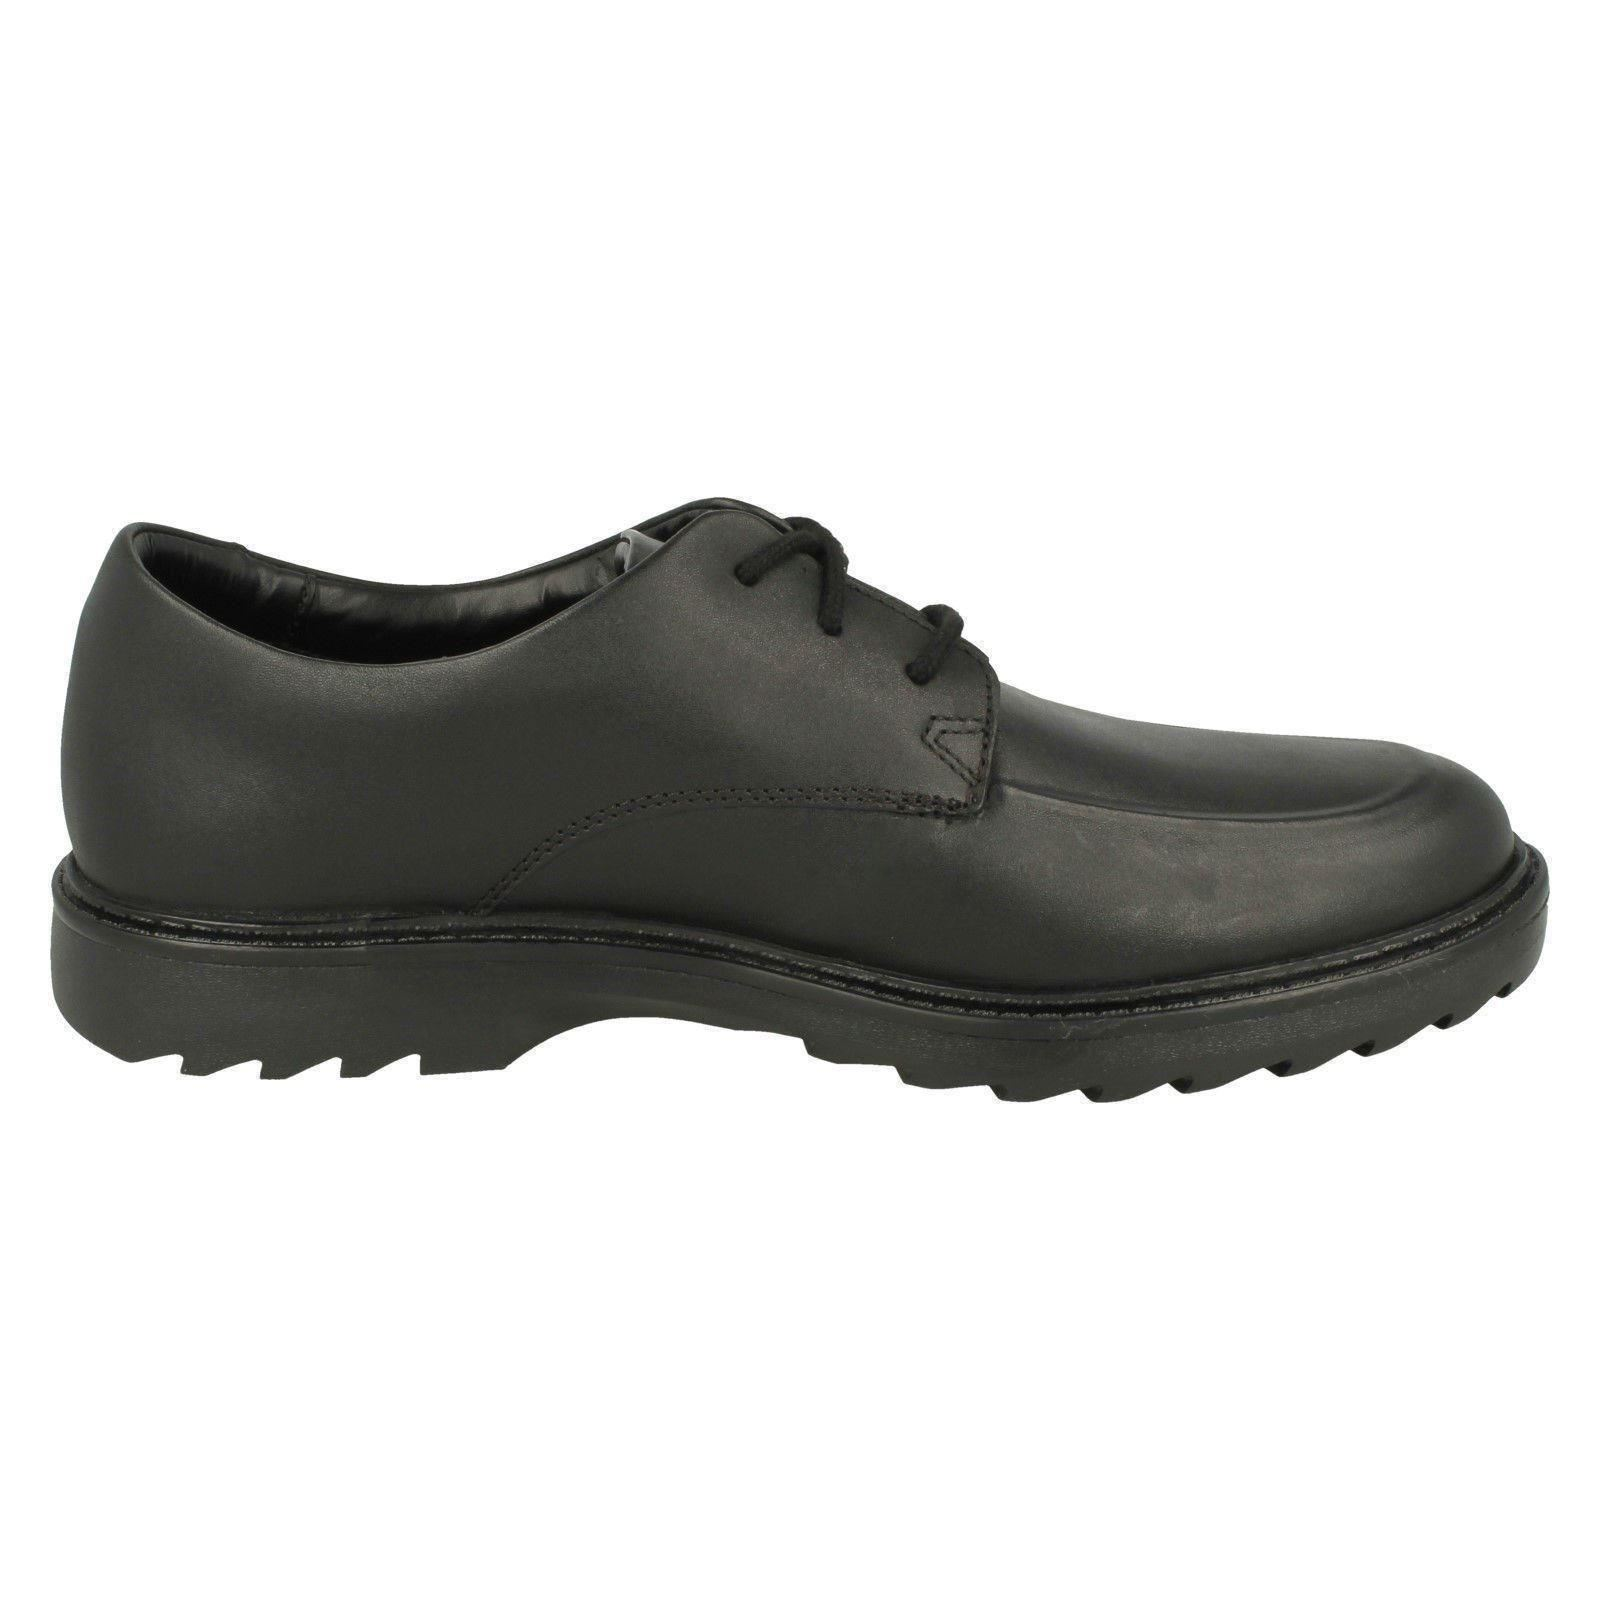 de con negros niño 'asher cordones formales Clarks Zapatos Clarks Grove' qaxZ1wBCC